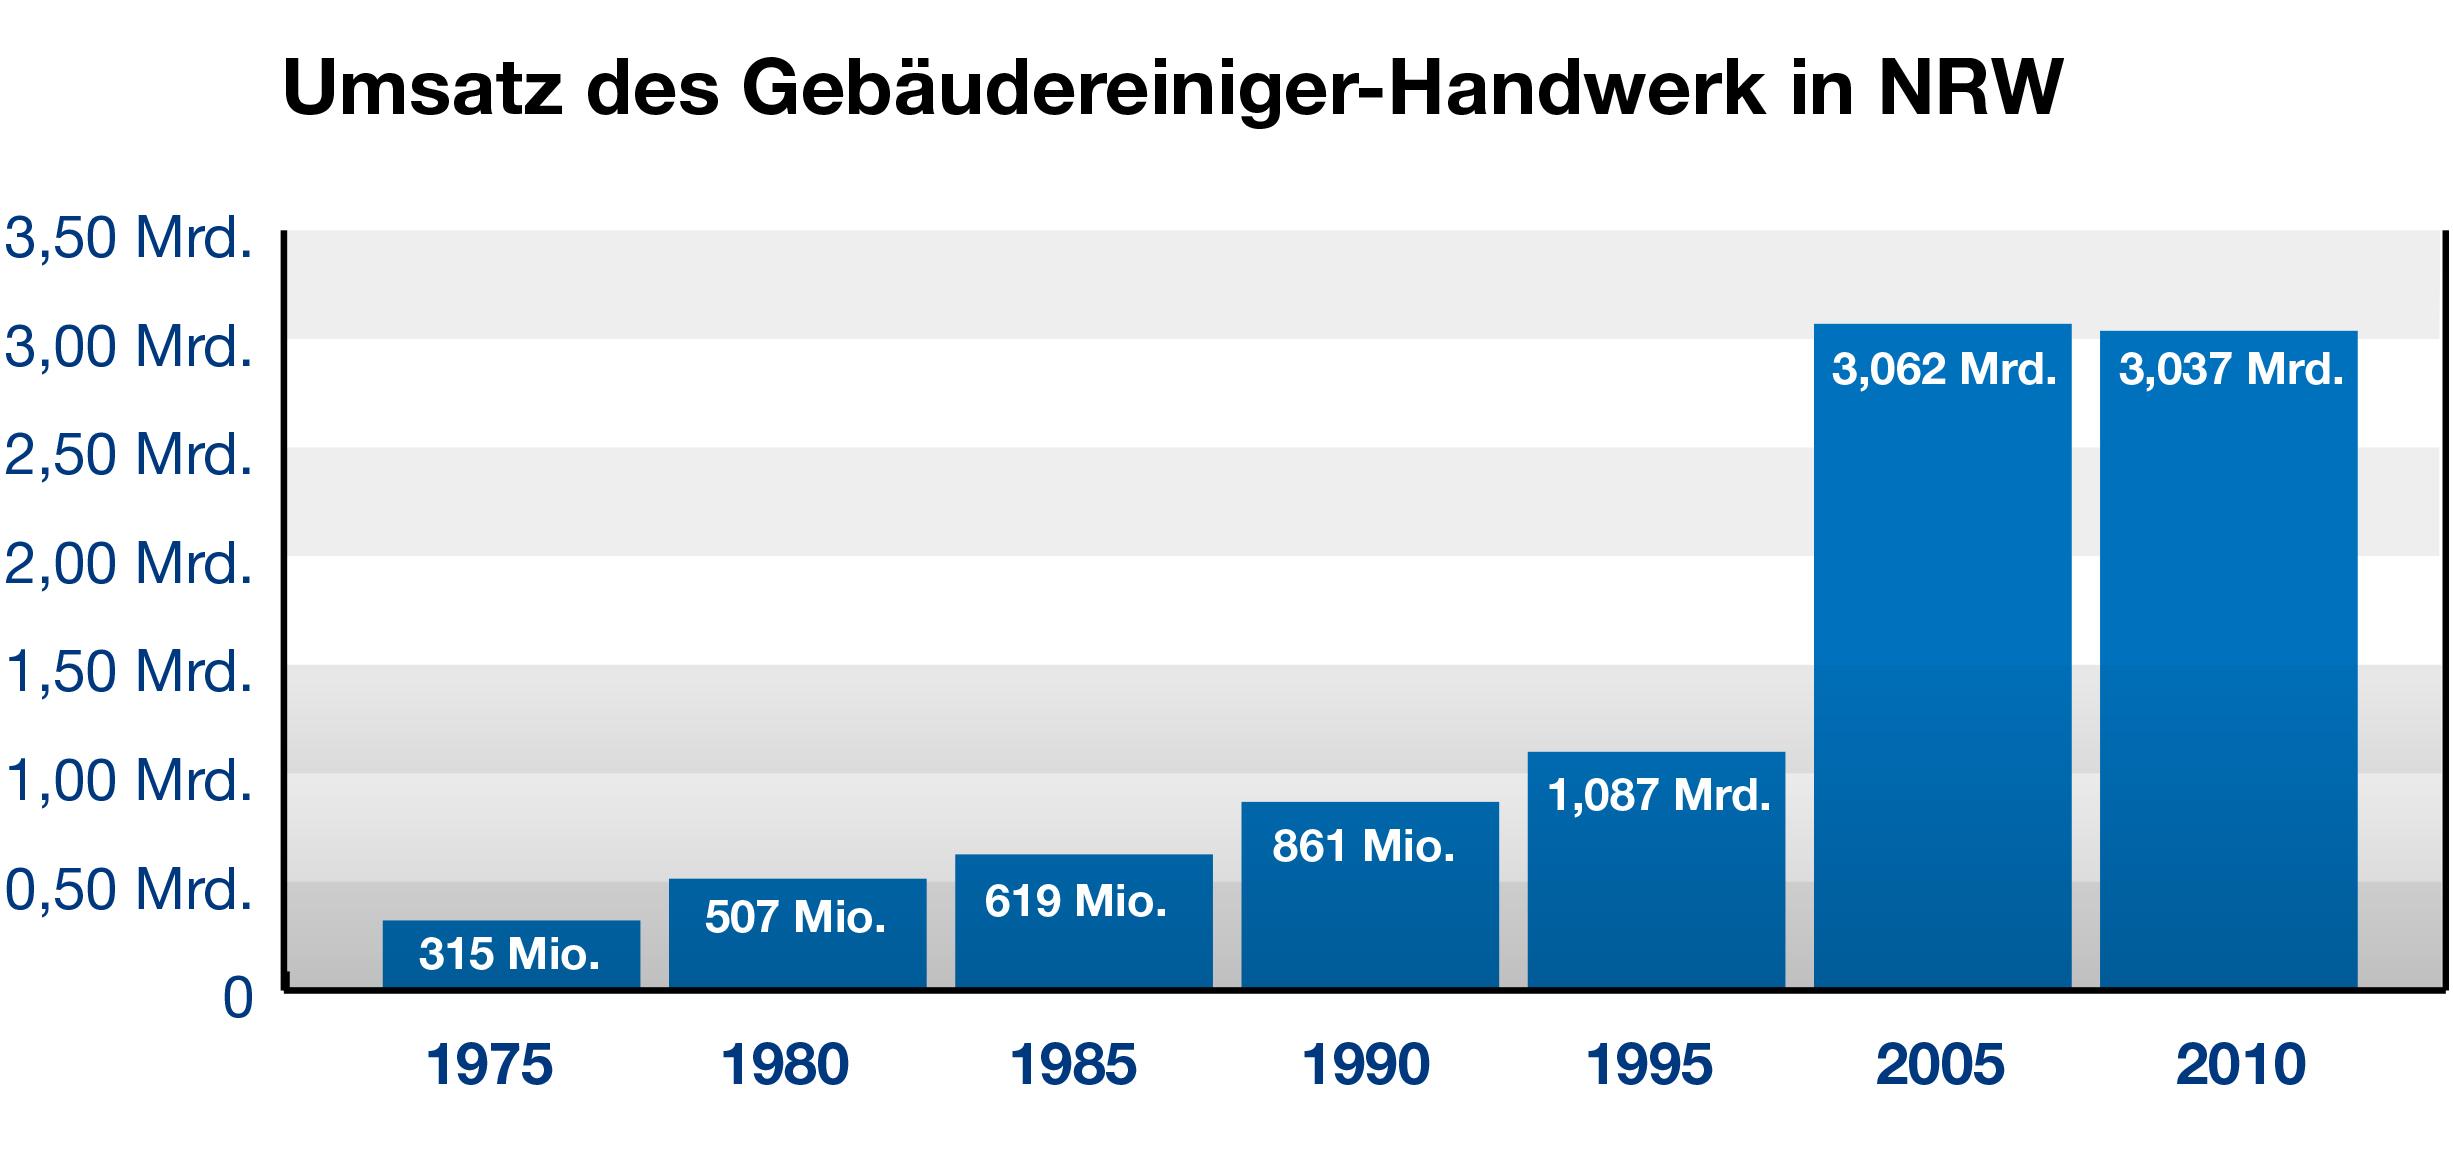 Umsatz Gebäudereiniger NRW 1975-2005